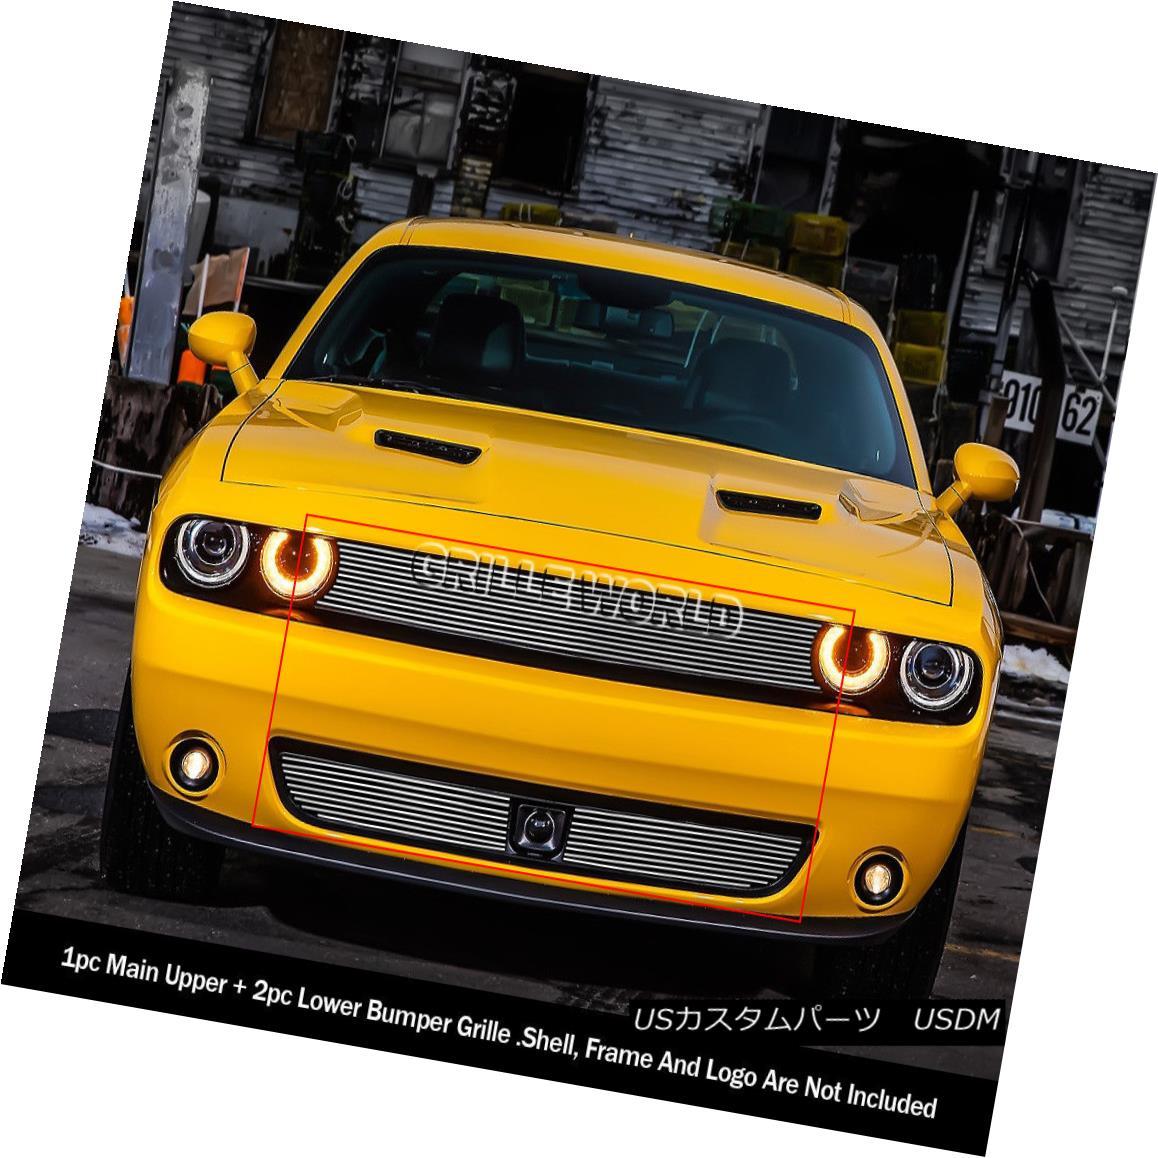 グリル Fits 2015-2018 Dodge Challenger W/ Cruise Control Billet Grille Combo フィット2015-2018ダッジチャレンジャーW /クルーズコントロールビレットグリルコンボ